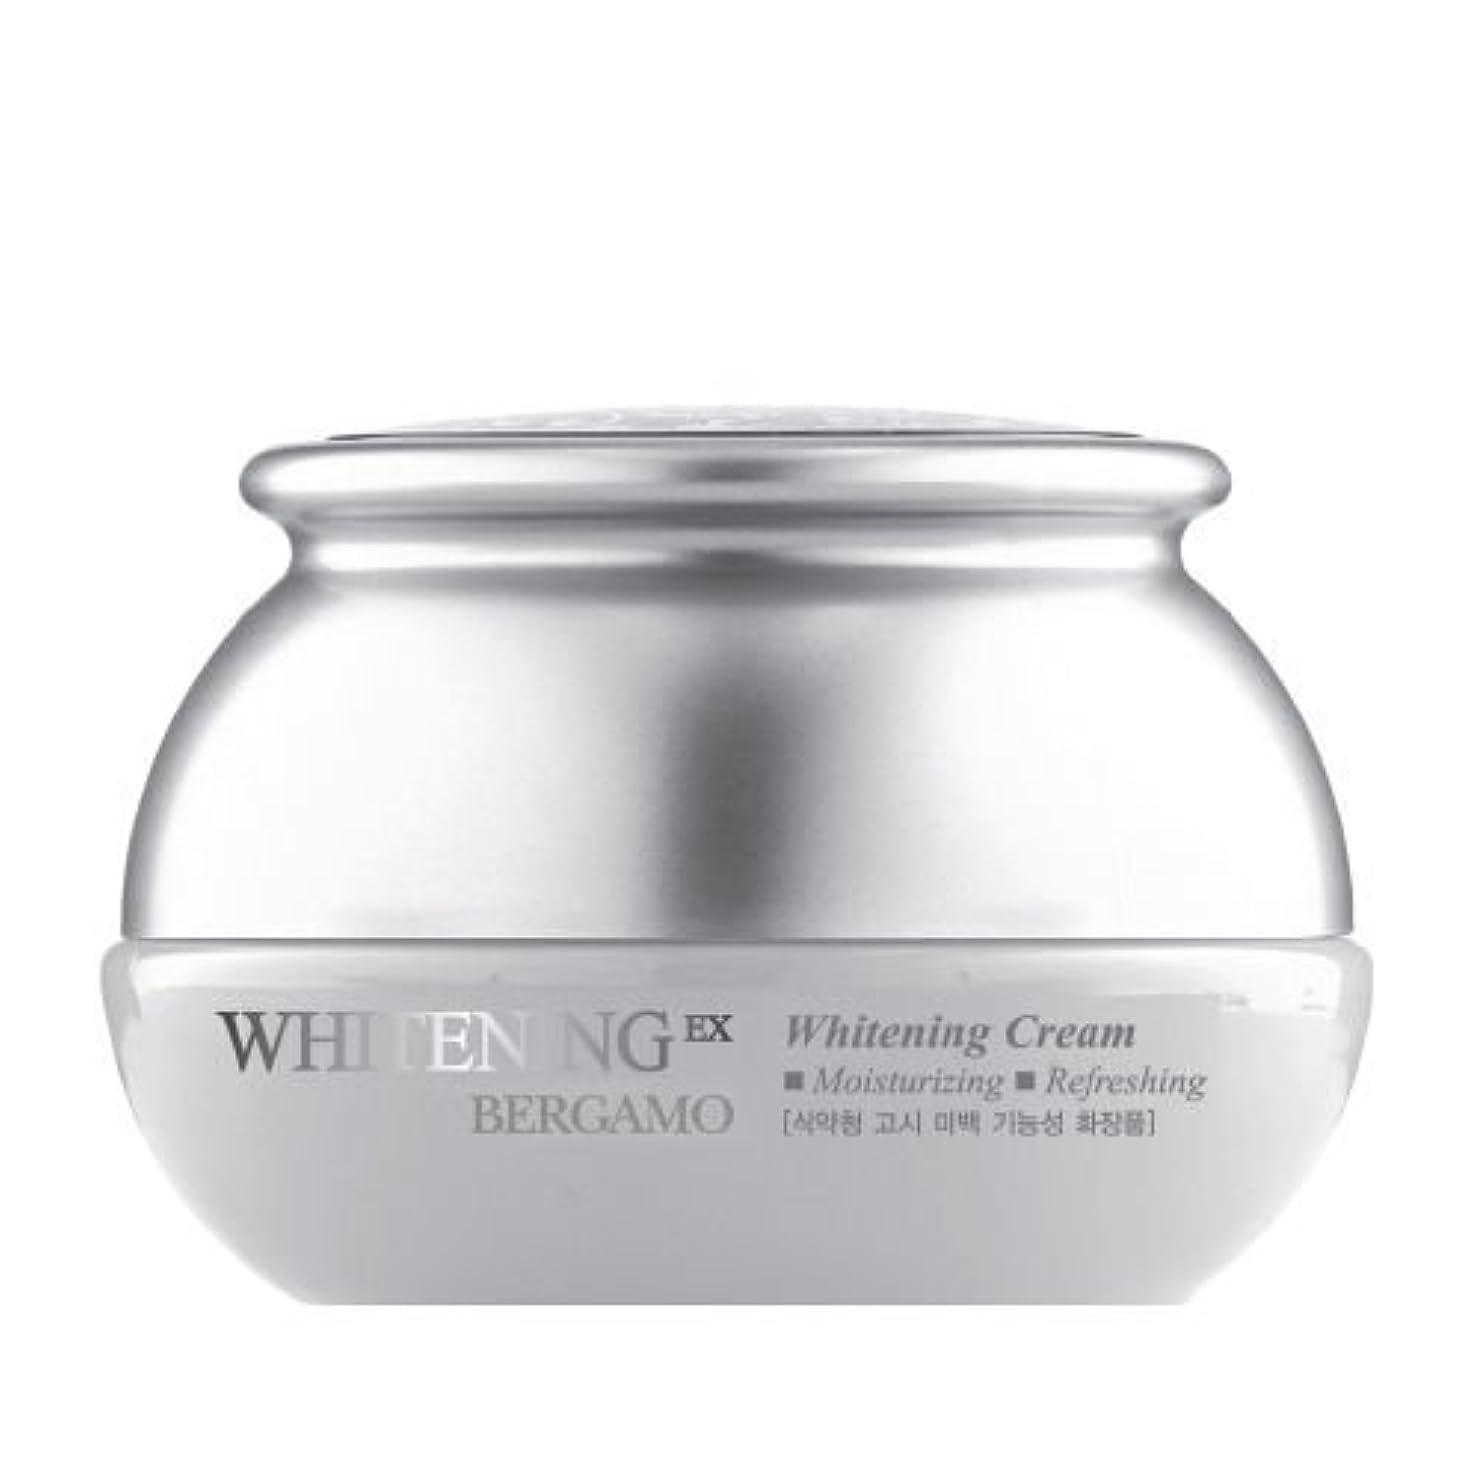 期間誇りに思うあたりベルガモ[韓国コスメBergamo]Whitening EX Wrinkle Care Cream ホワイトニングEXリンクルケアクリーム50ml しわ管理 [並行輸入品]